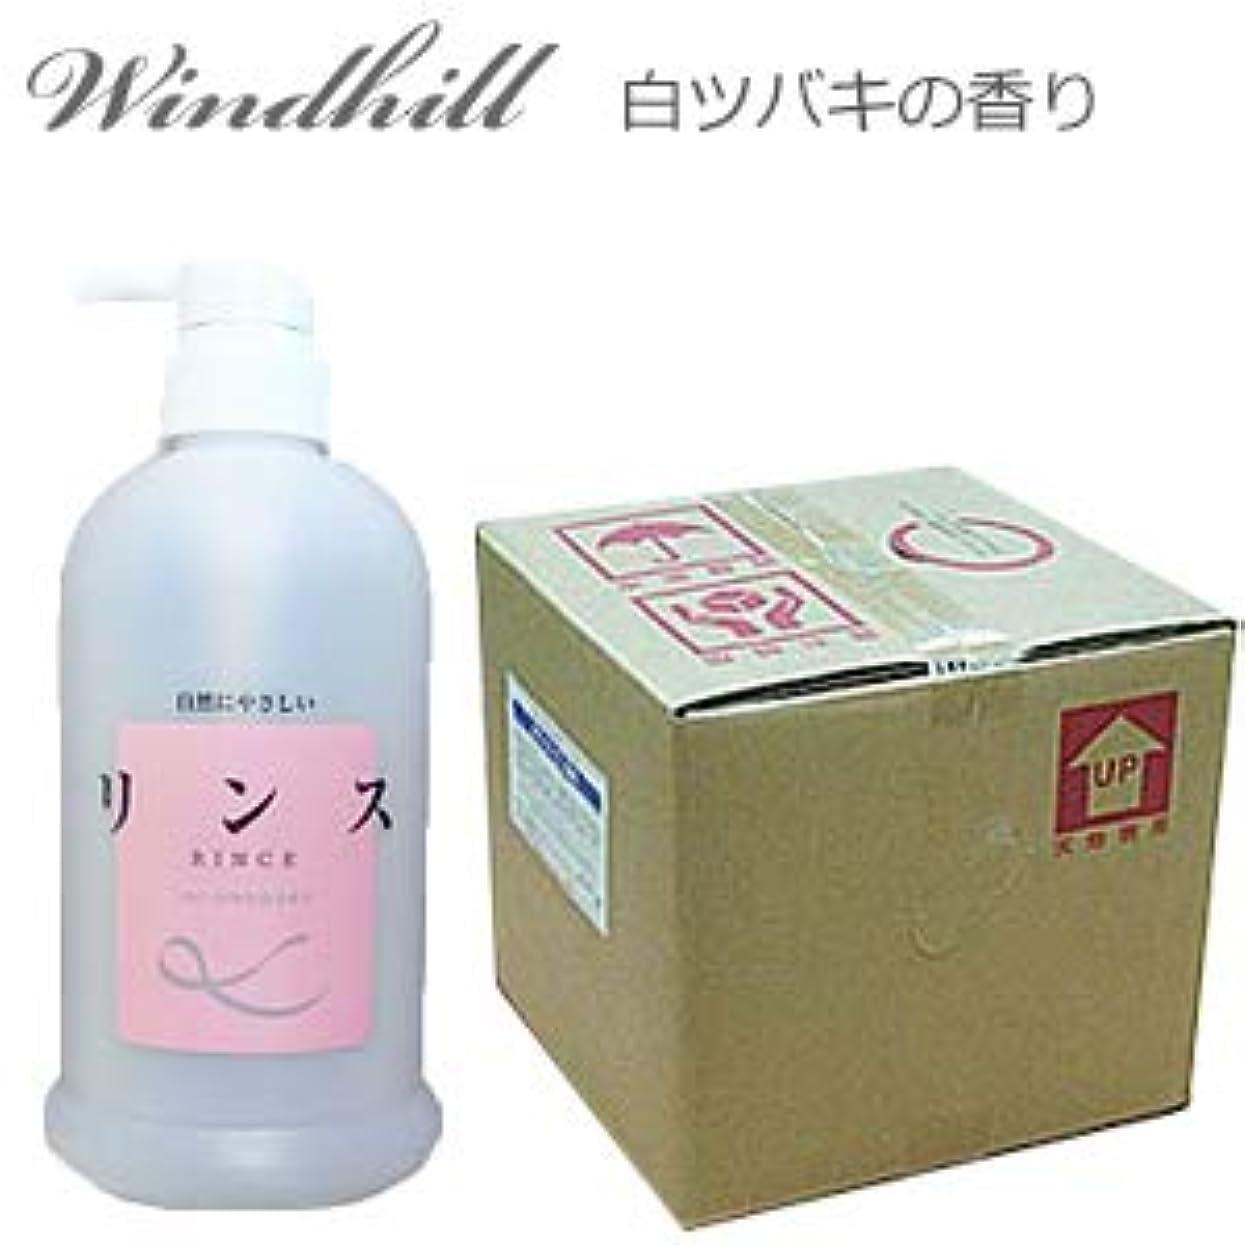 罰美容師小川なんと! 500ml当り175円 Windhill 植物性 業務用 リンス 白ツバキの香り 20L